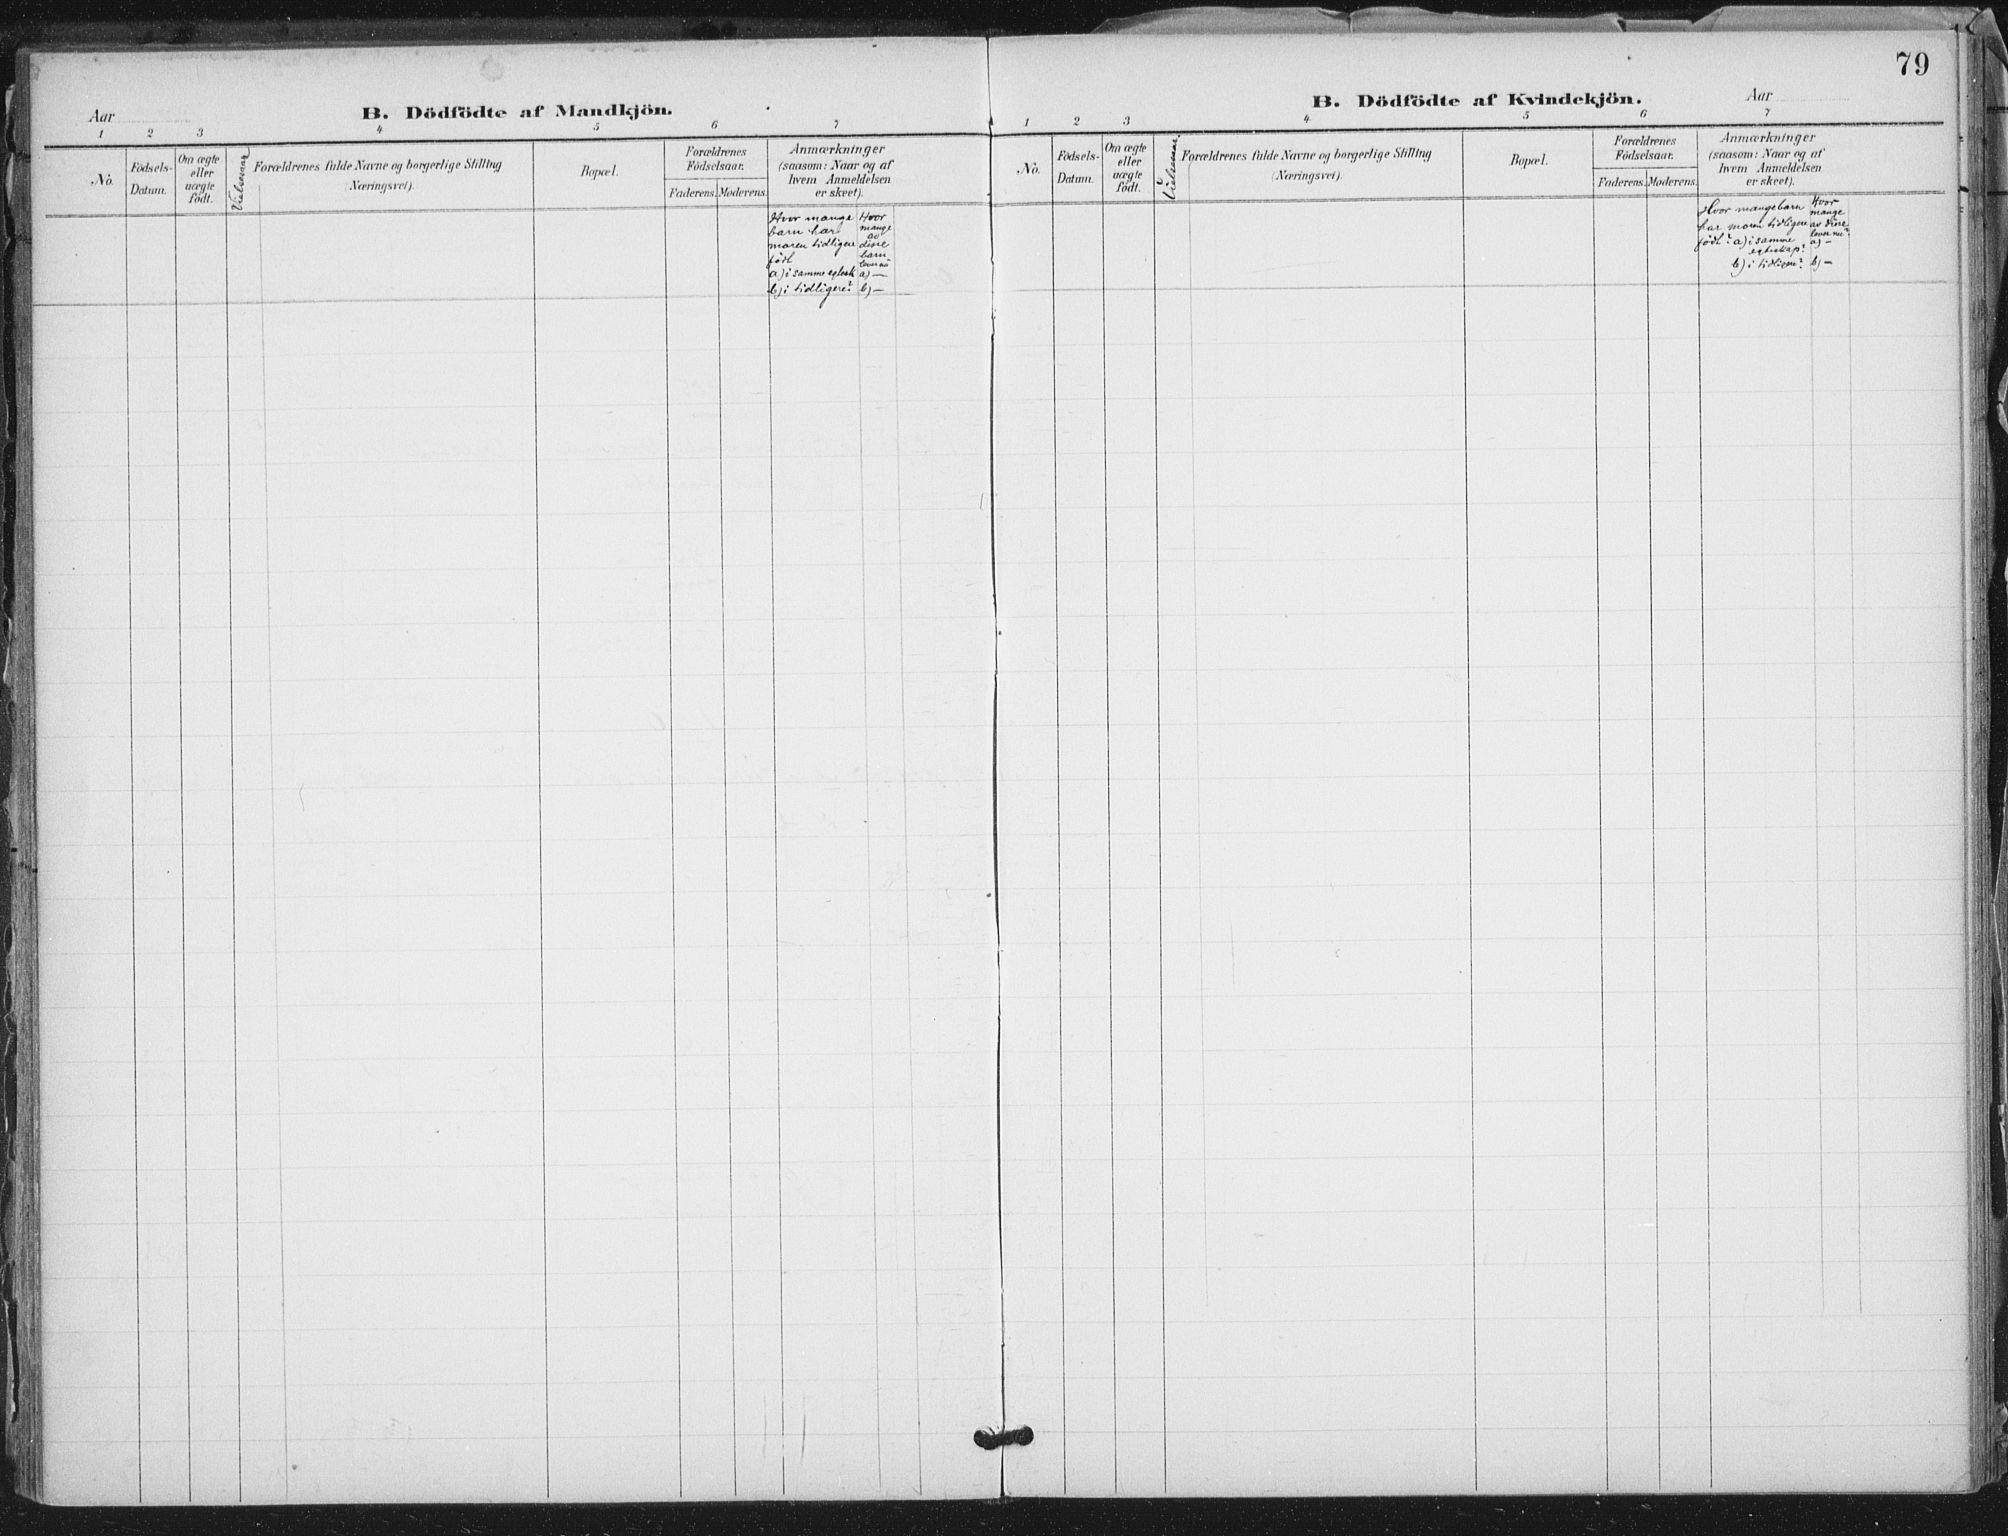 SAT, Ministerialprotokoller, klokkerbøker og fødselsregistre - Nord-Trøndelag, 712/L0101: Ministerialbok nr. 712A02, 1901-1916, s. 79